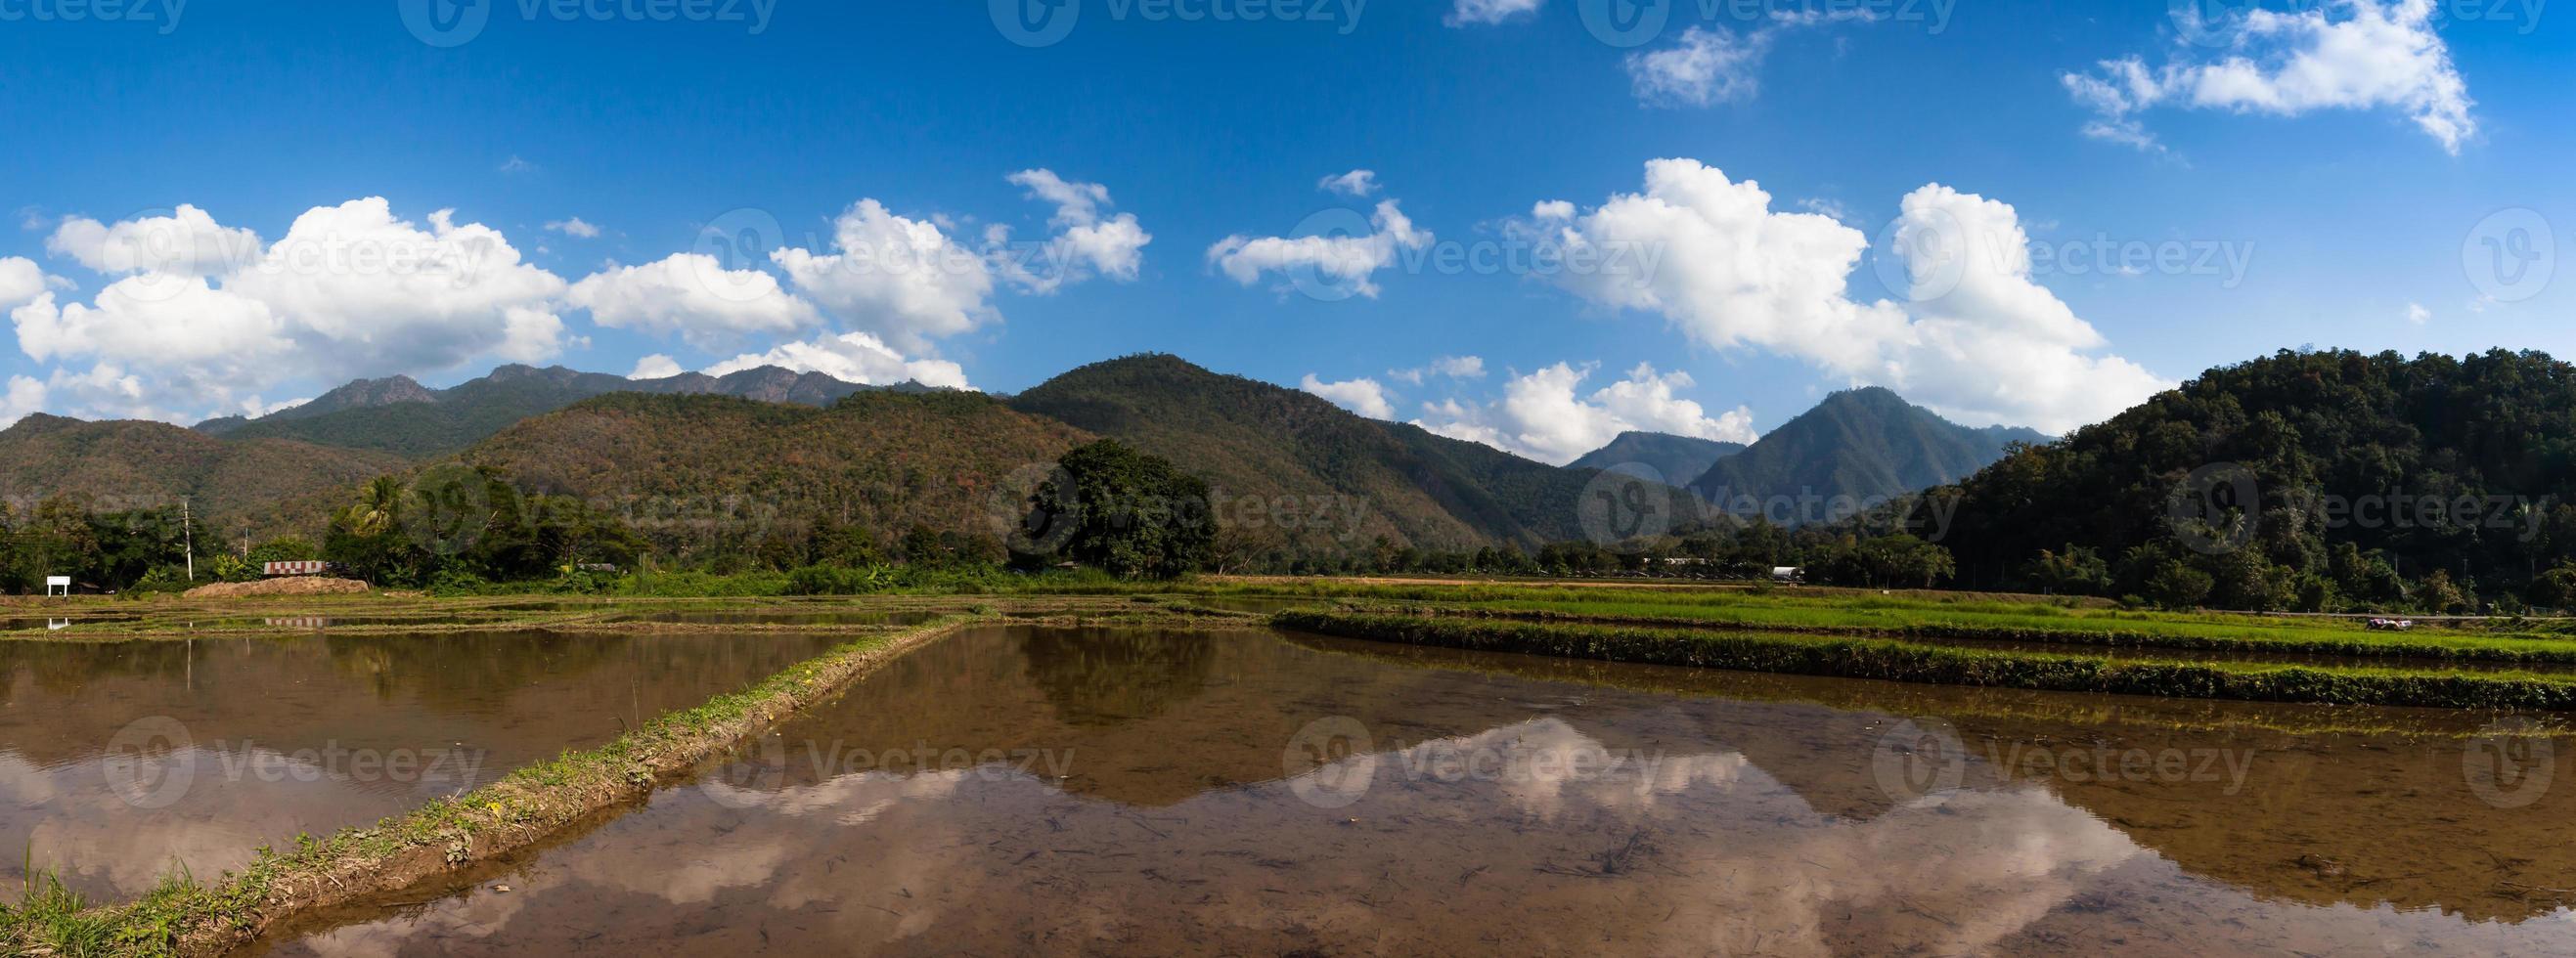 montañas y cielo reflejados en el agua. foto